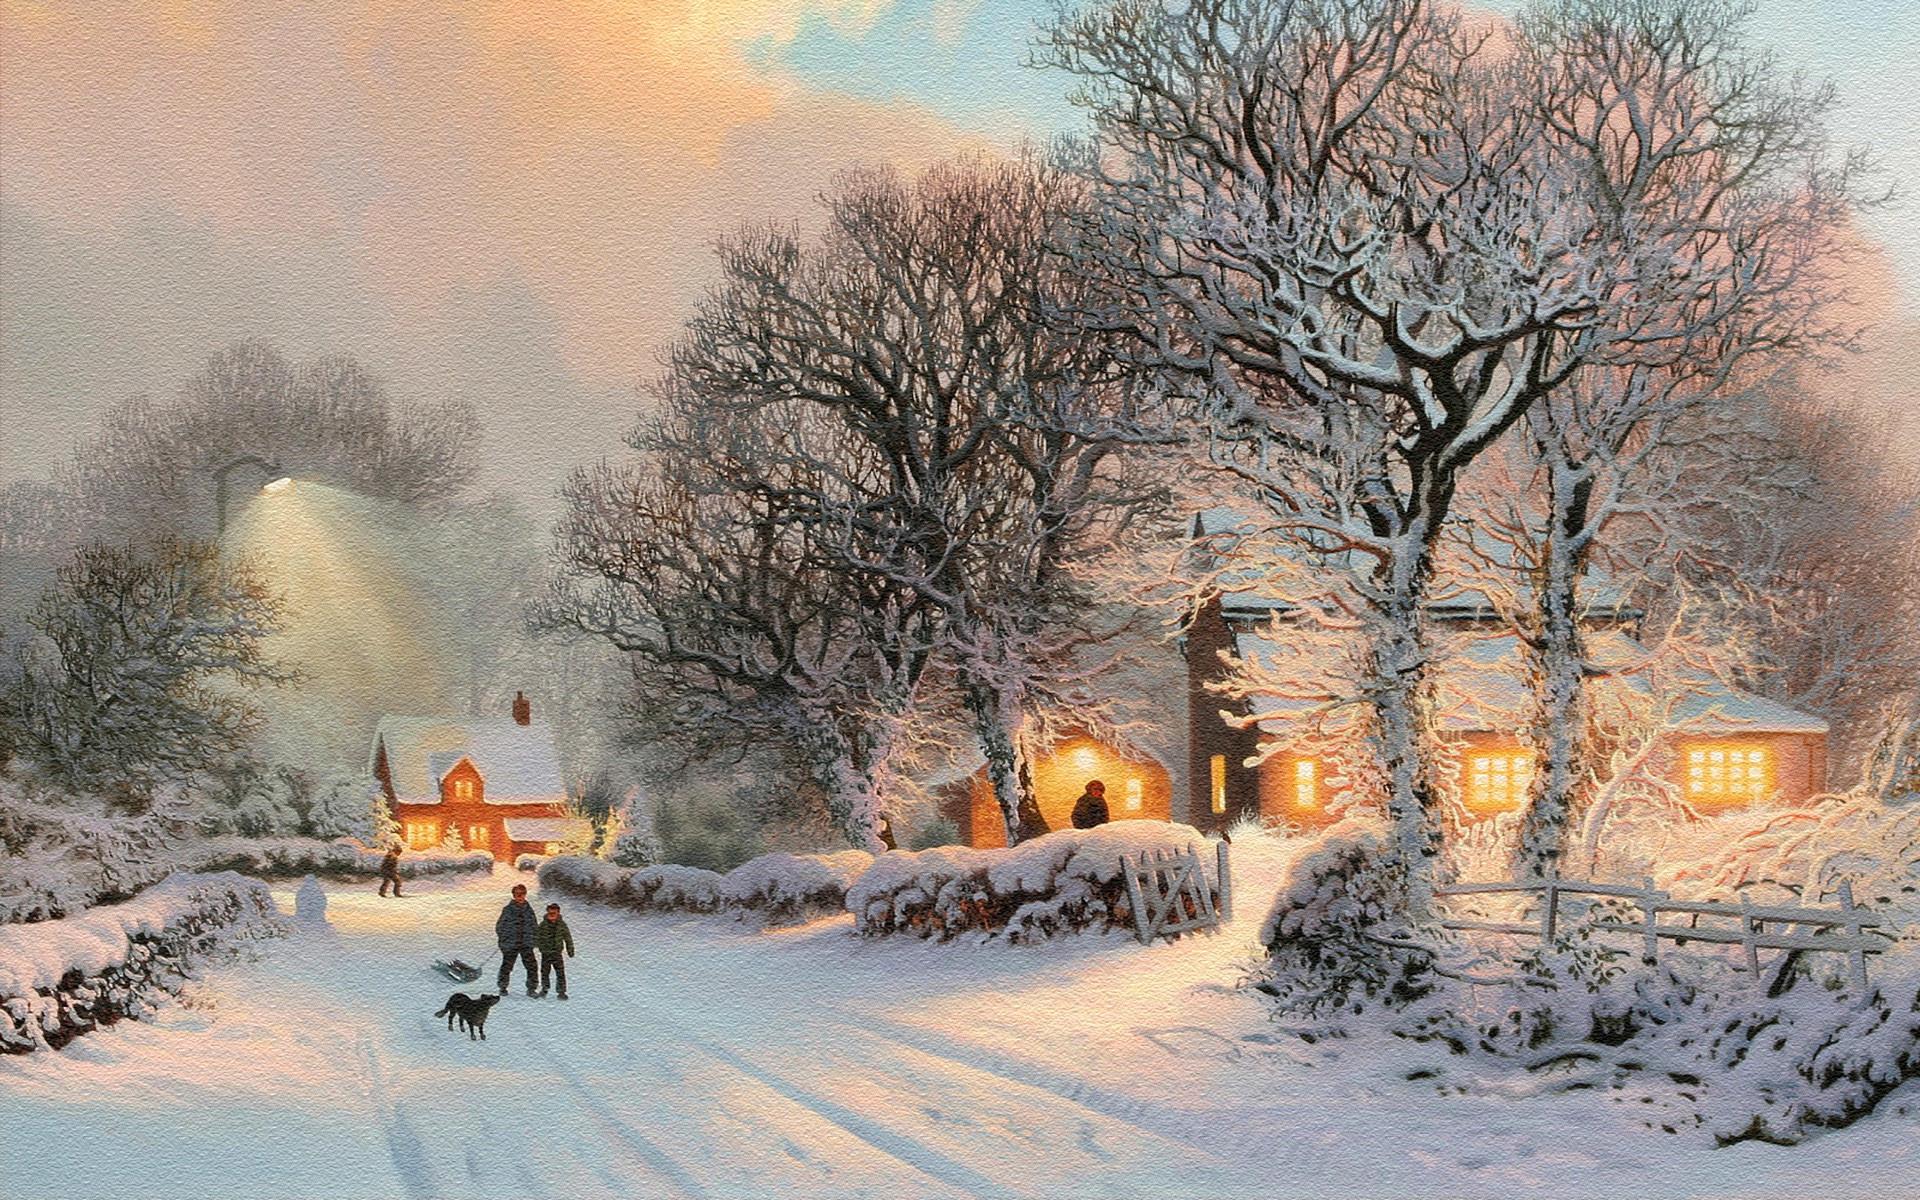 2880x1800 2880x1800 Free Desktop Wallpapers Winter Scenes Wallpaper | HD Wallpapers | Pinterest | Winter scenes and Wallpaper